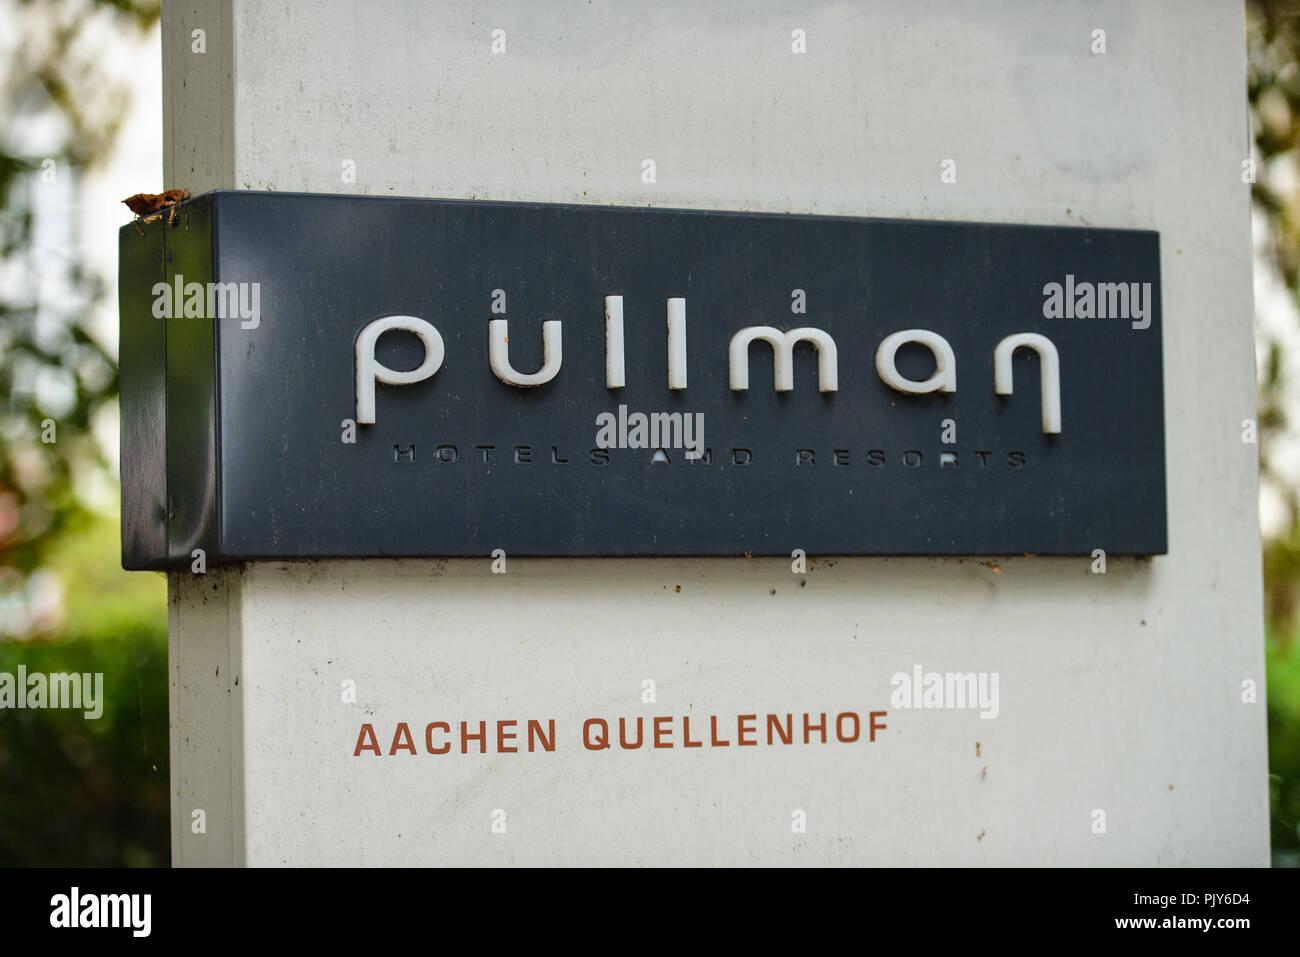 Hotel of Pullman spring court, avenue Monheims, North Rhine-Westphalia, Germany, Hotel Pullman Quellenhof, Monheimsallee, Nordrhein-Westfalen, Deutsch Stock Photo